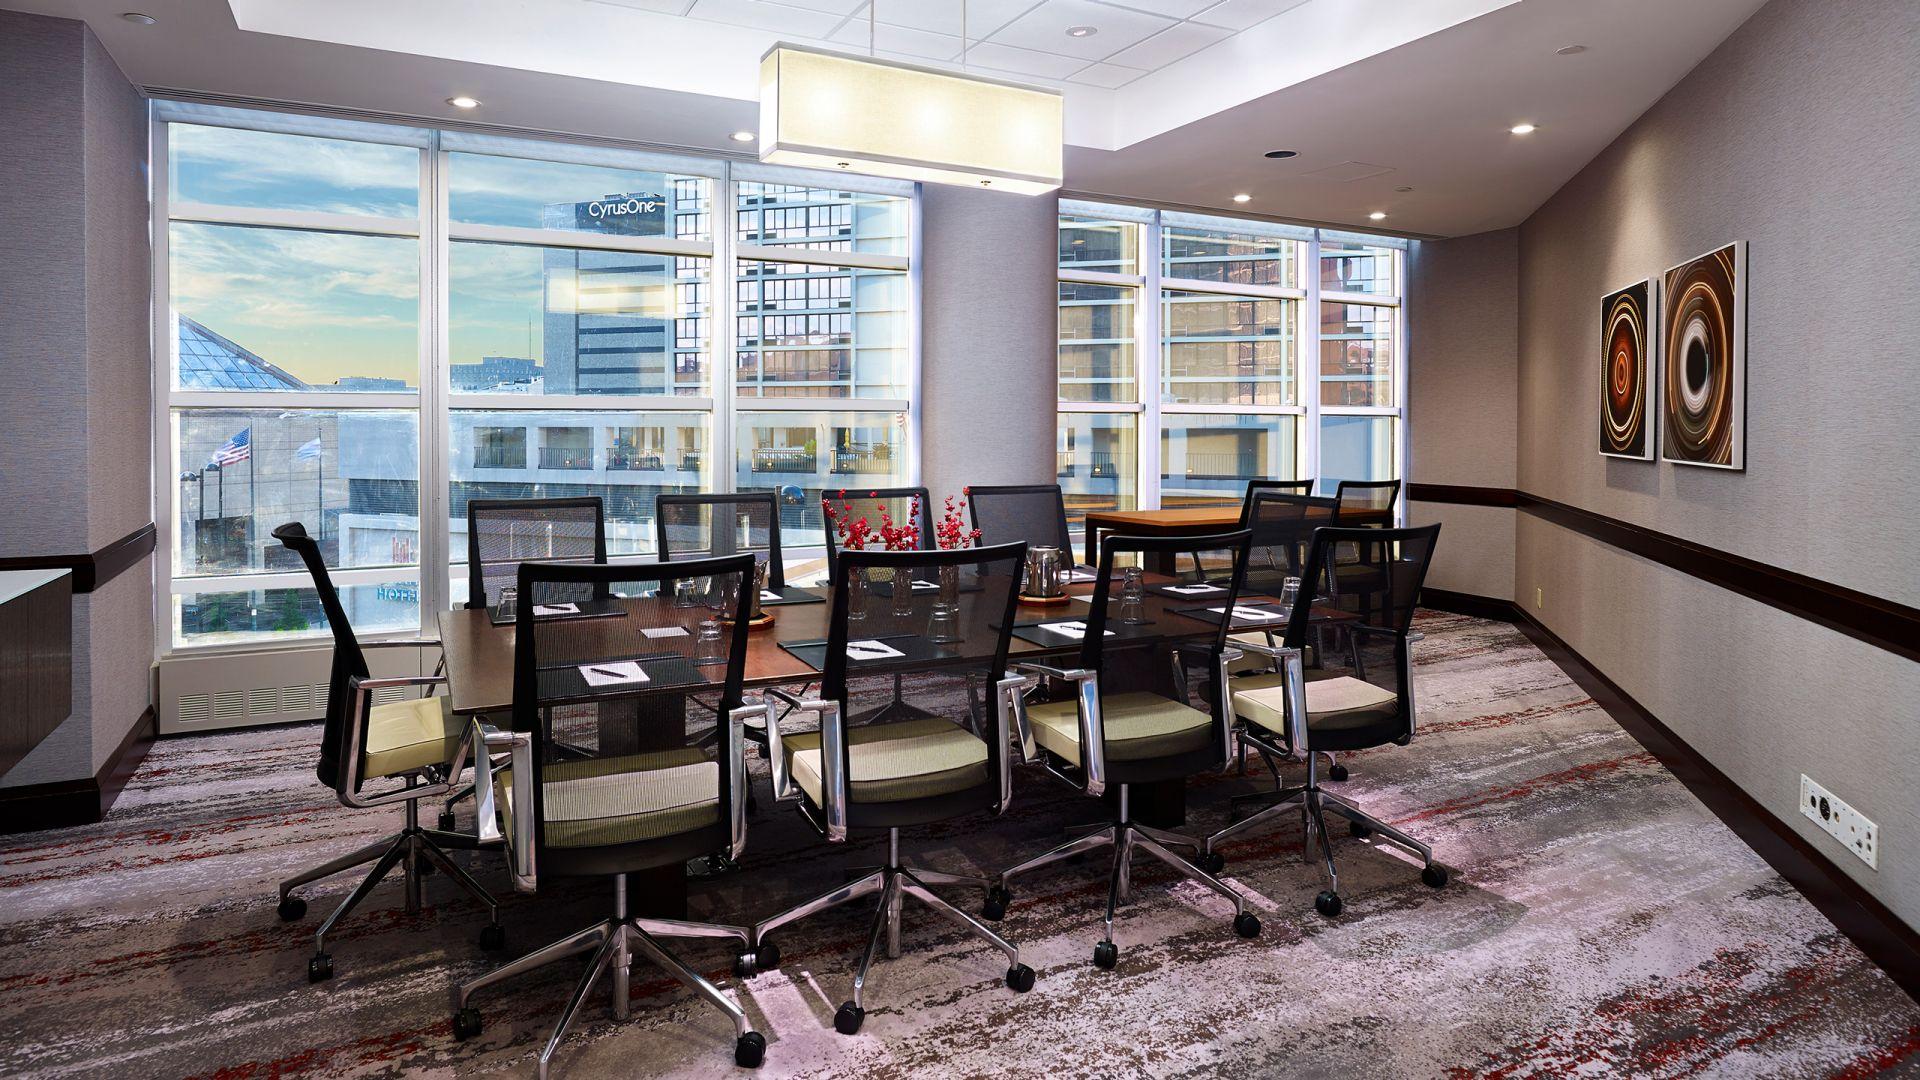 Hyatt Regency Cincinnati Meeting Venues in Downtown Cincinnati